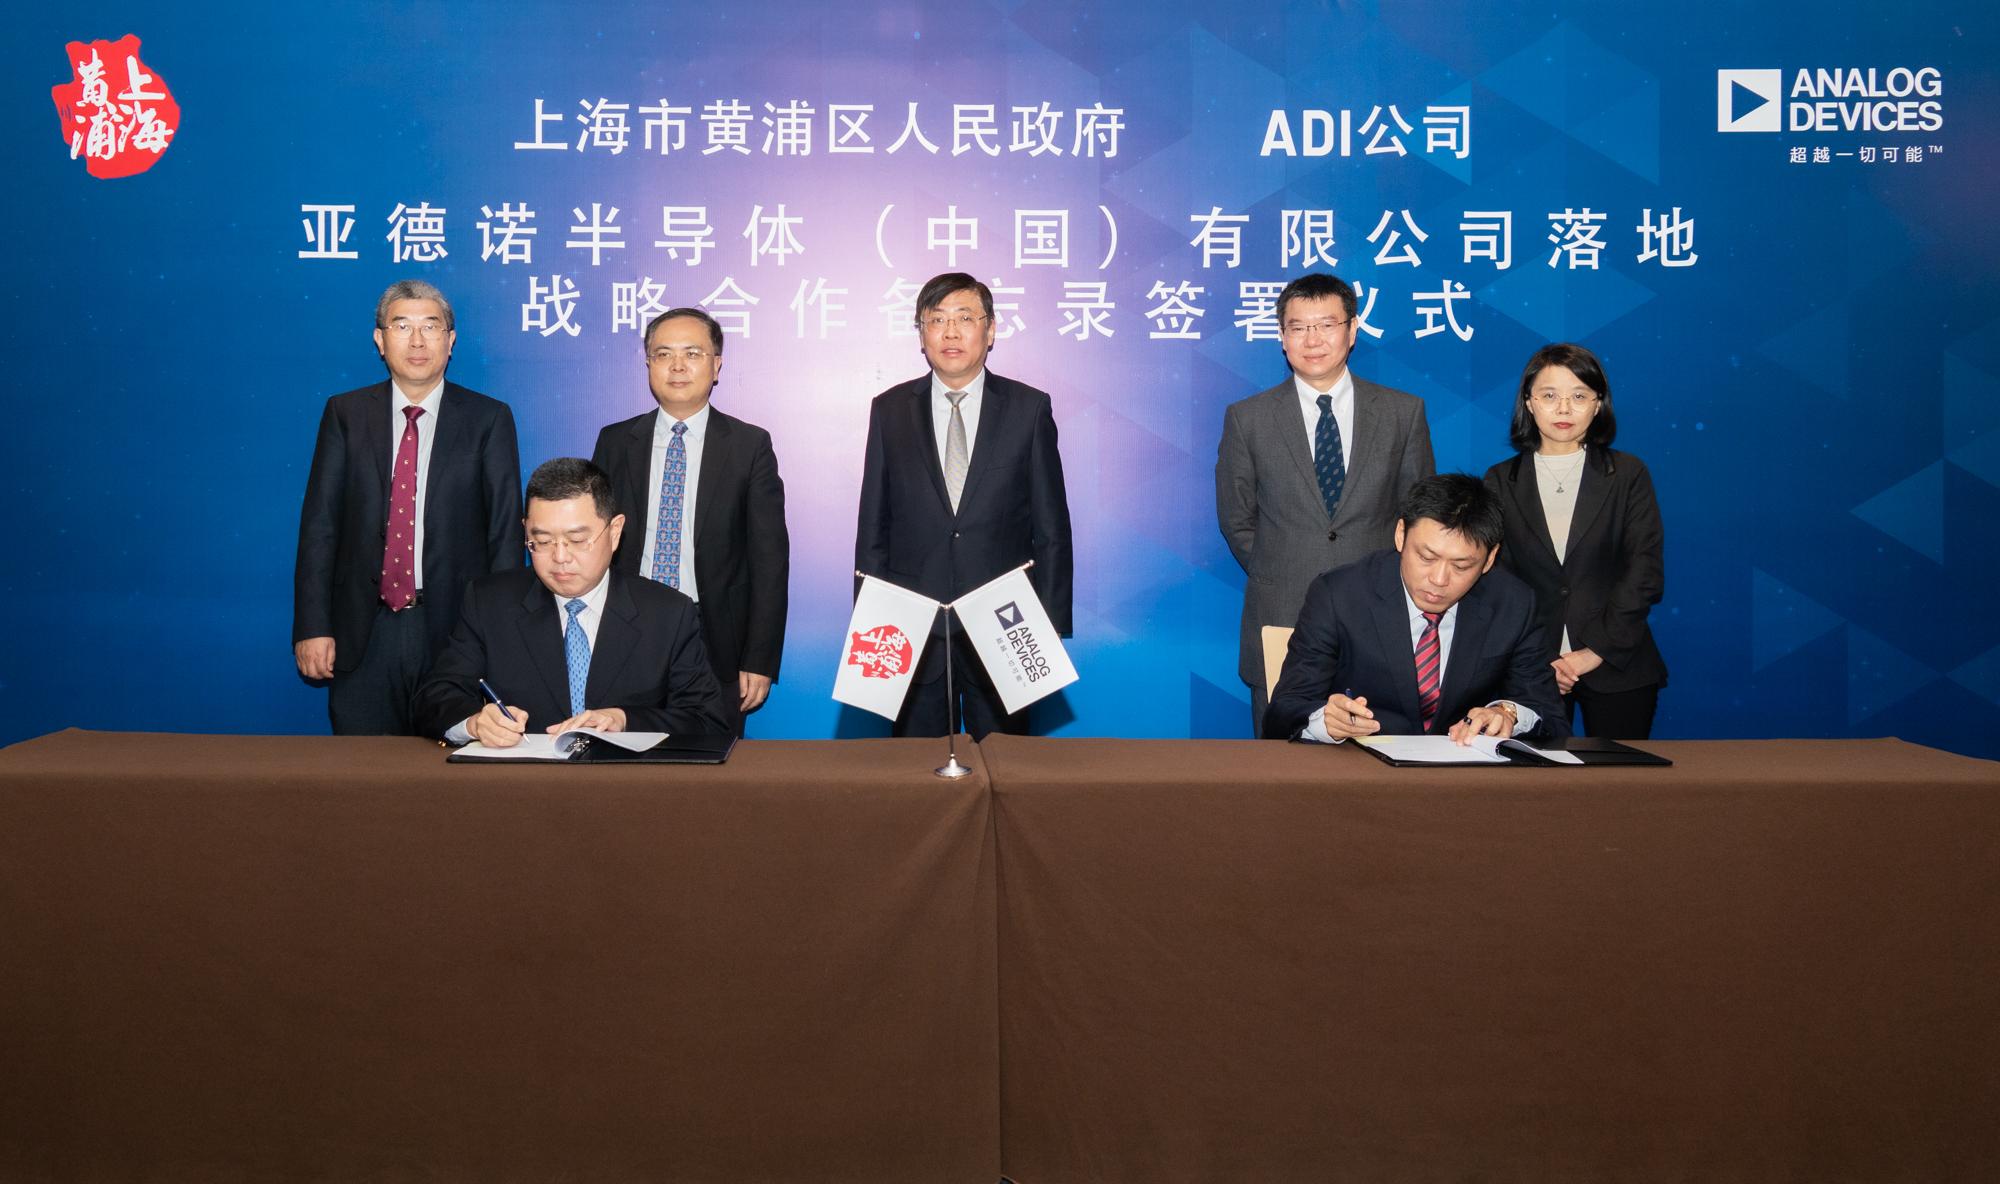 ADI加大中国市场投资成立亚德诺半导体(中国)有限公司